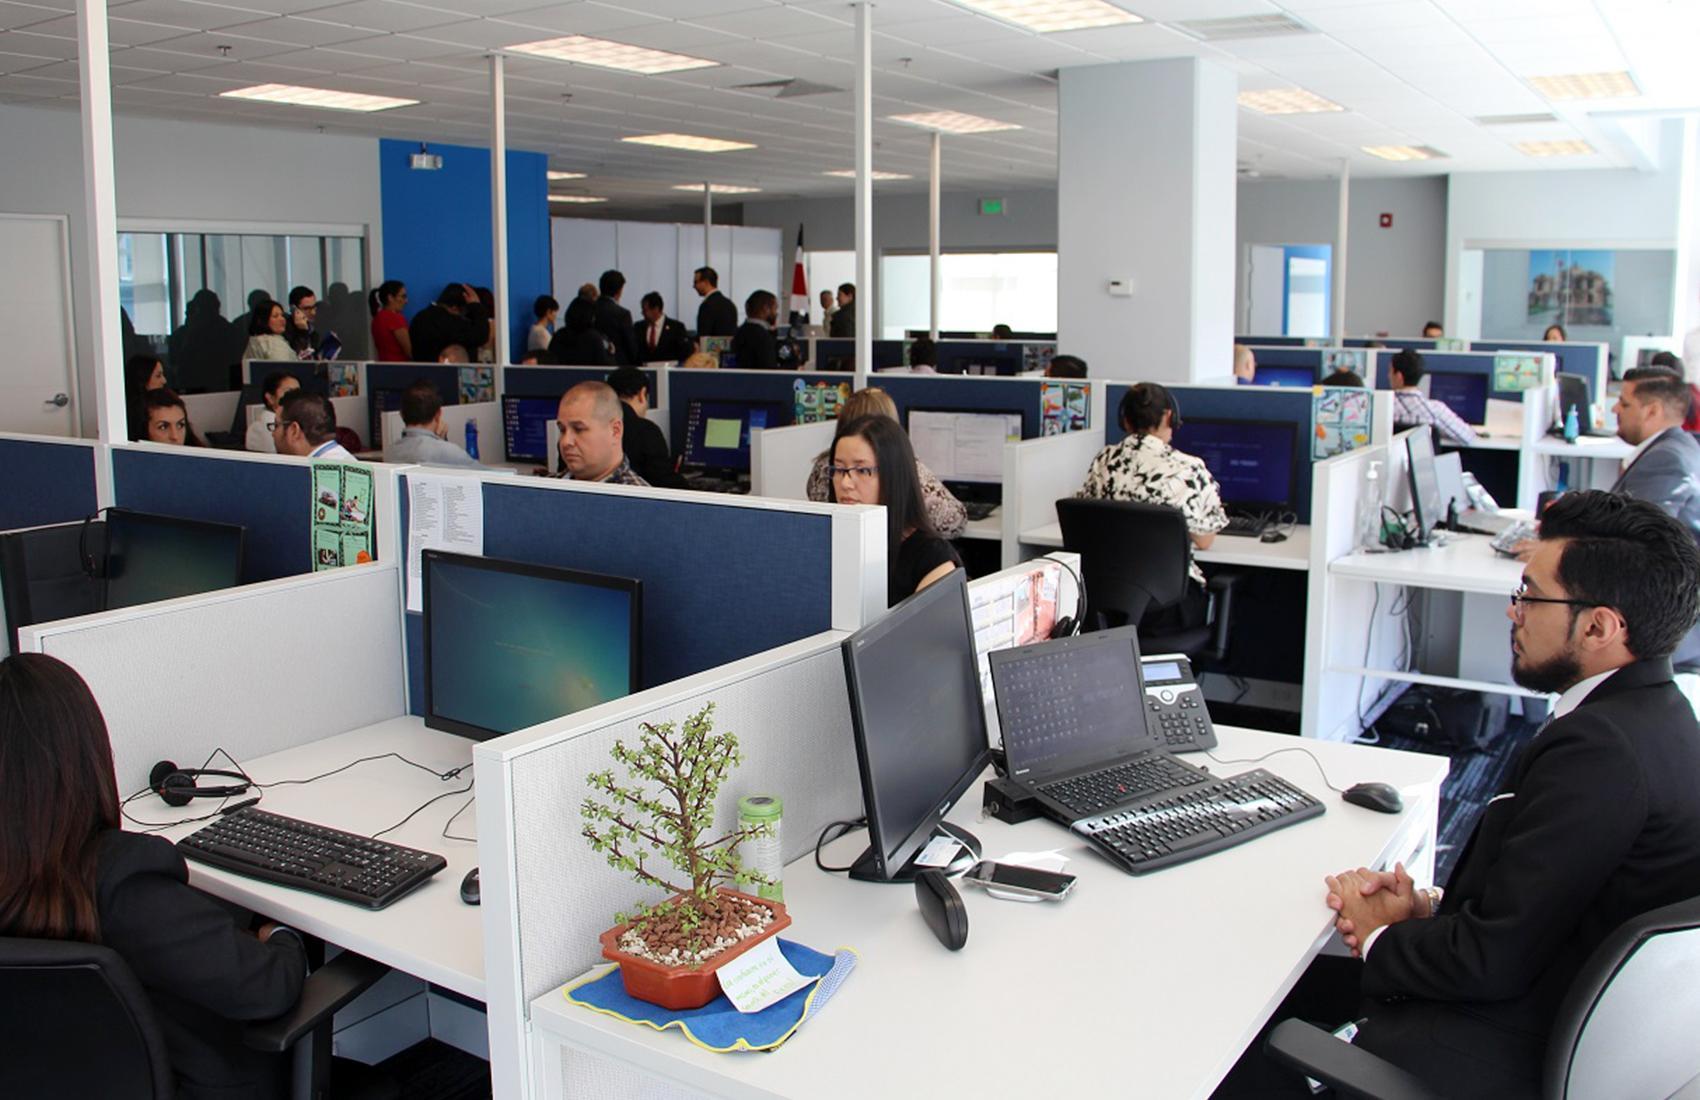 Nouveau Centre D'appel Call building Recherche Téléconseillers